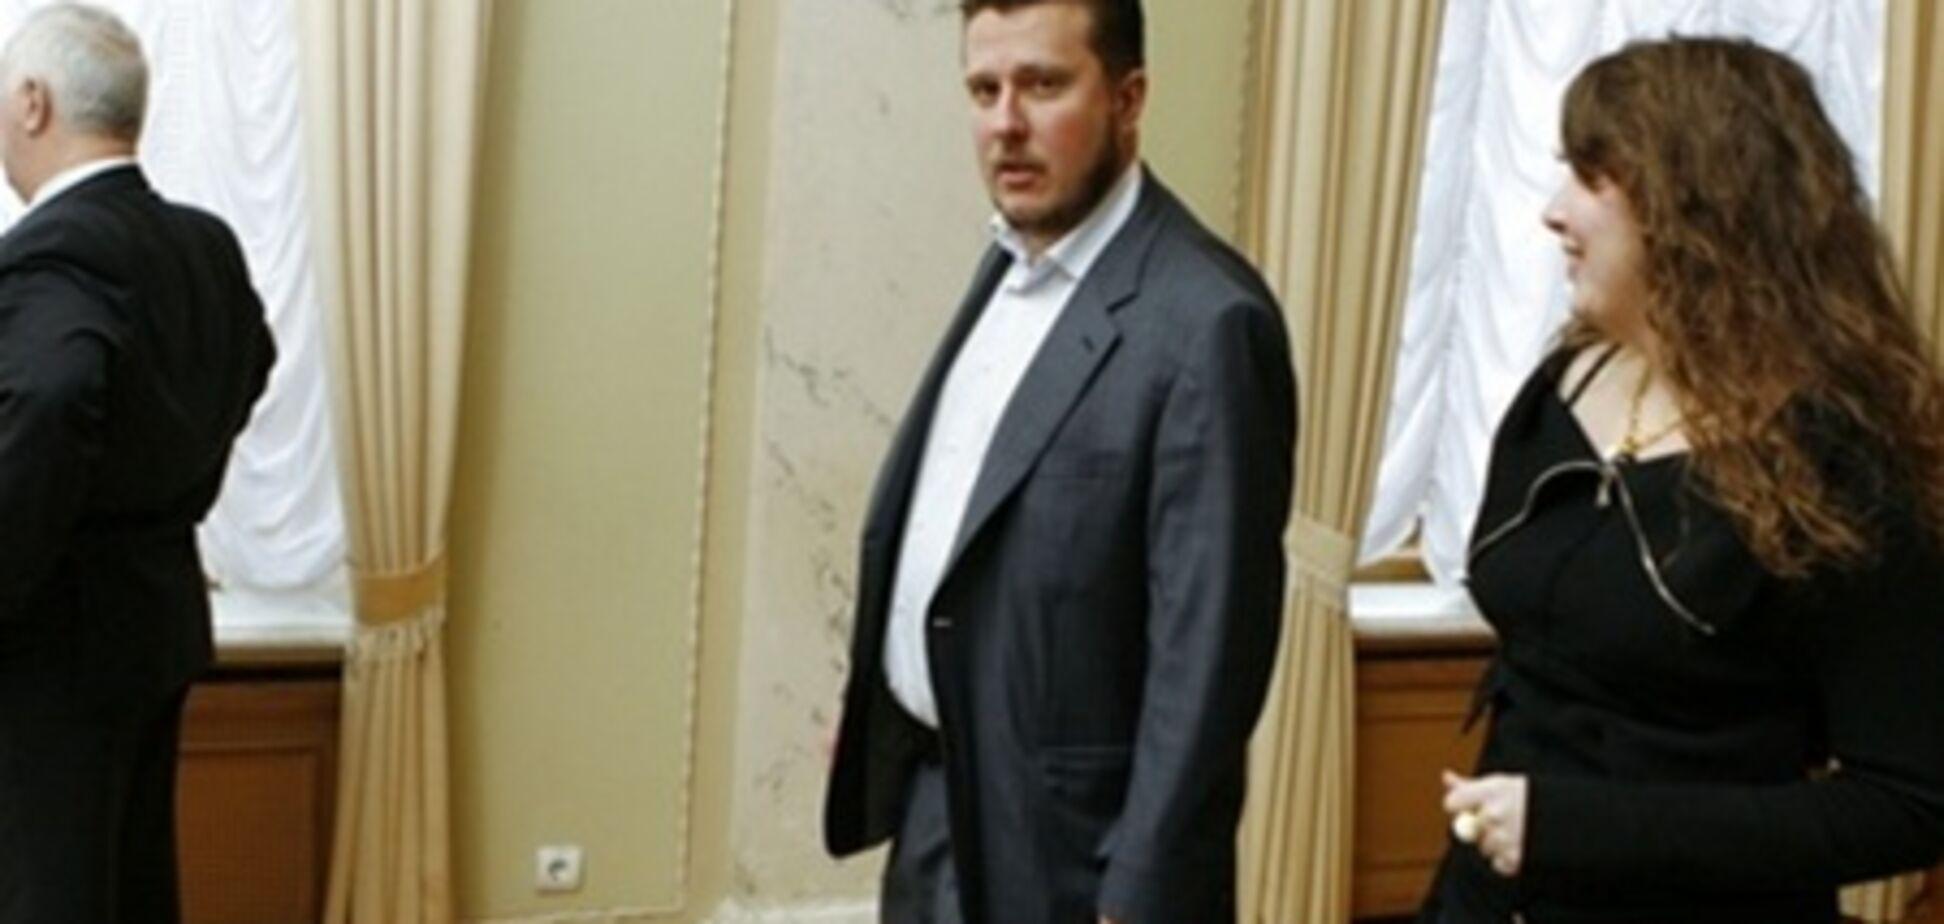 Нардеп Яценко намерен судиться с оклеветавшими его журналистами